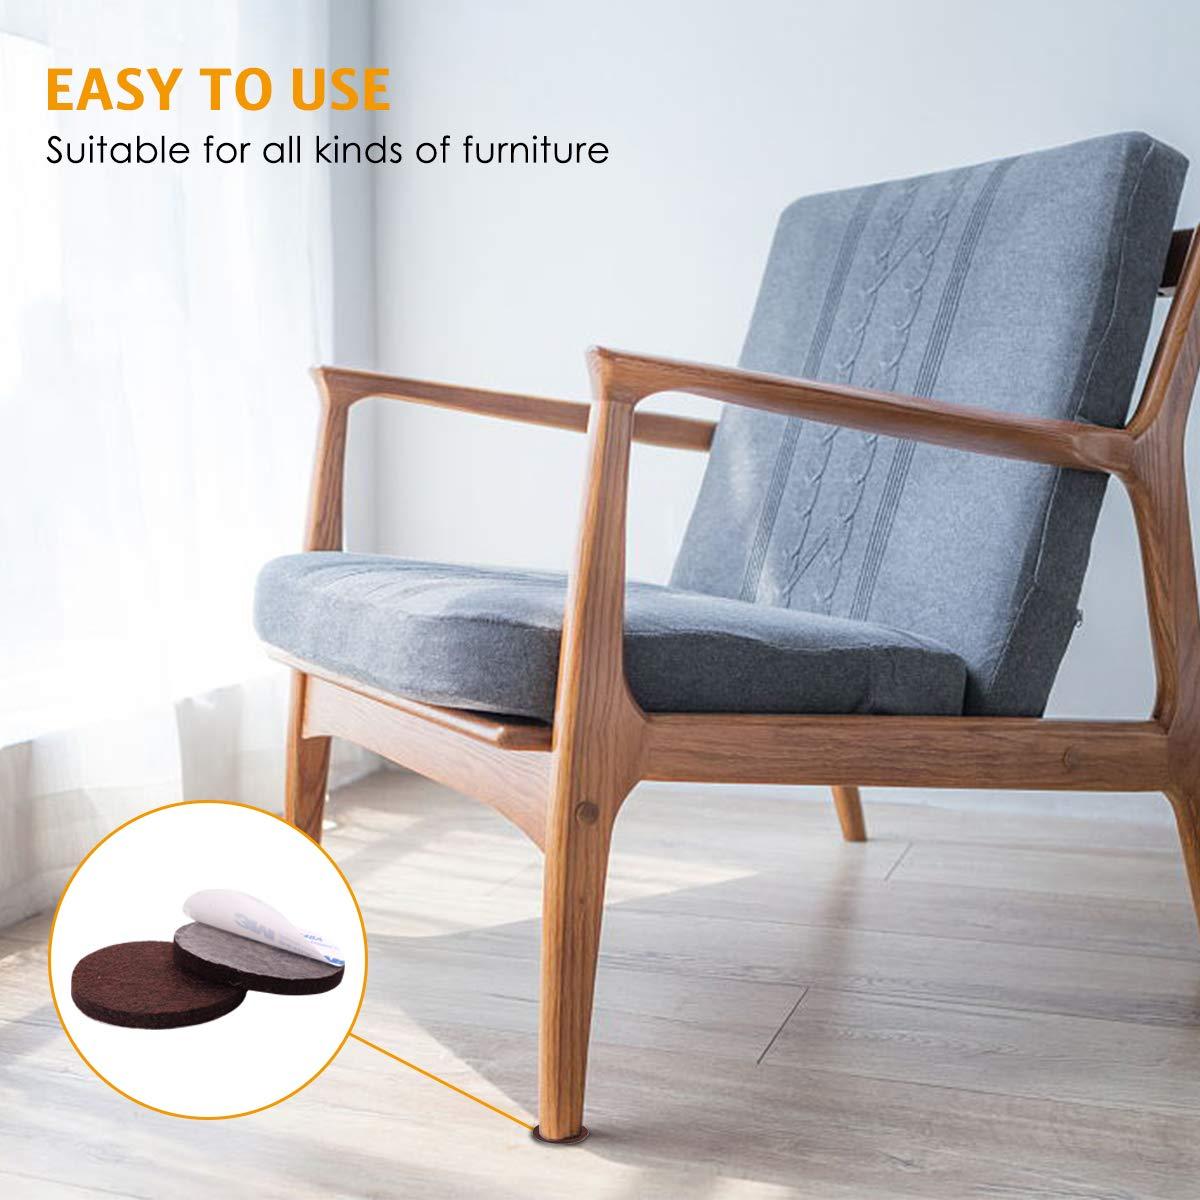 Amazon.com: MOAOO - Almohadillas de fieltro para muebles ...